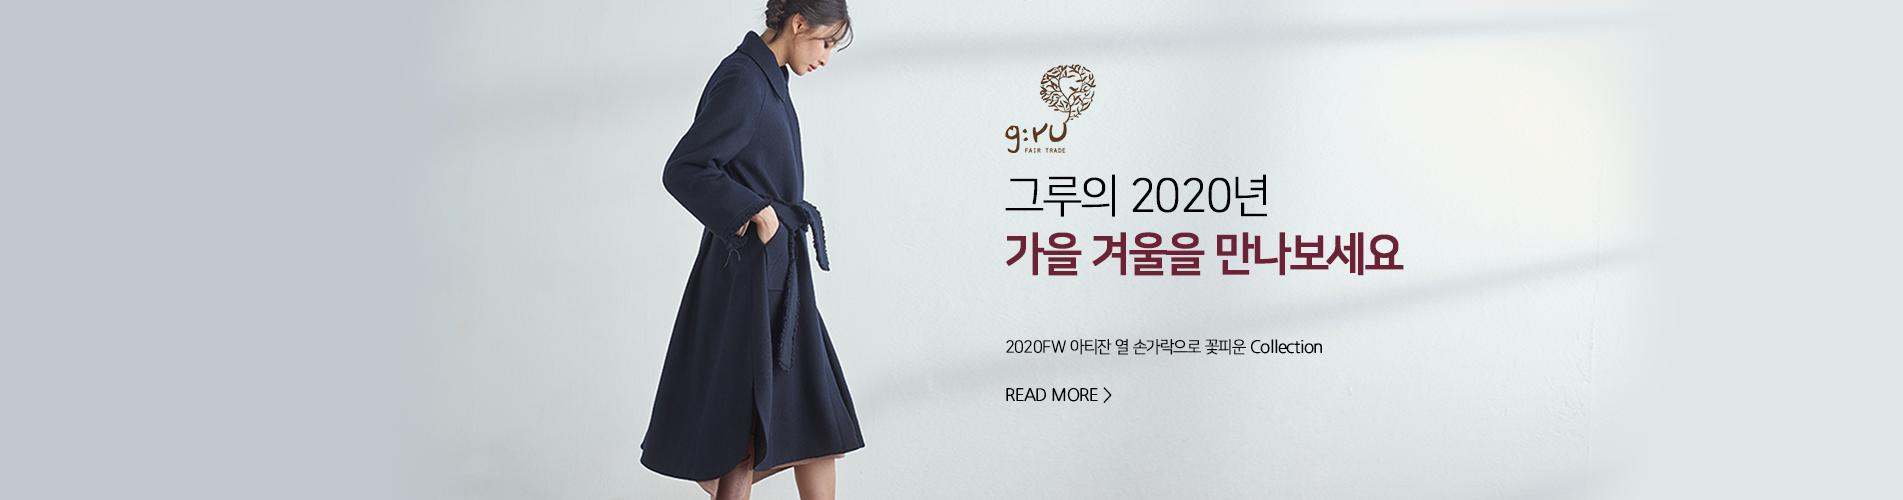 메인배너4-그루 겨울특별전 프로모션